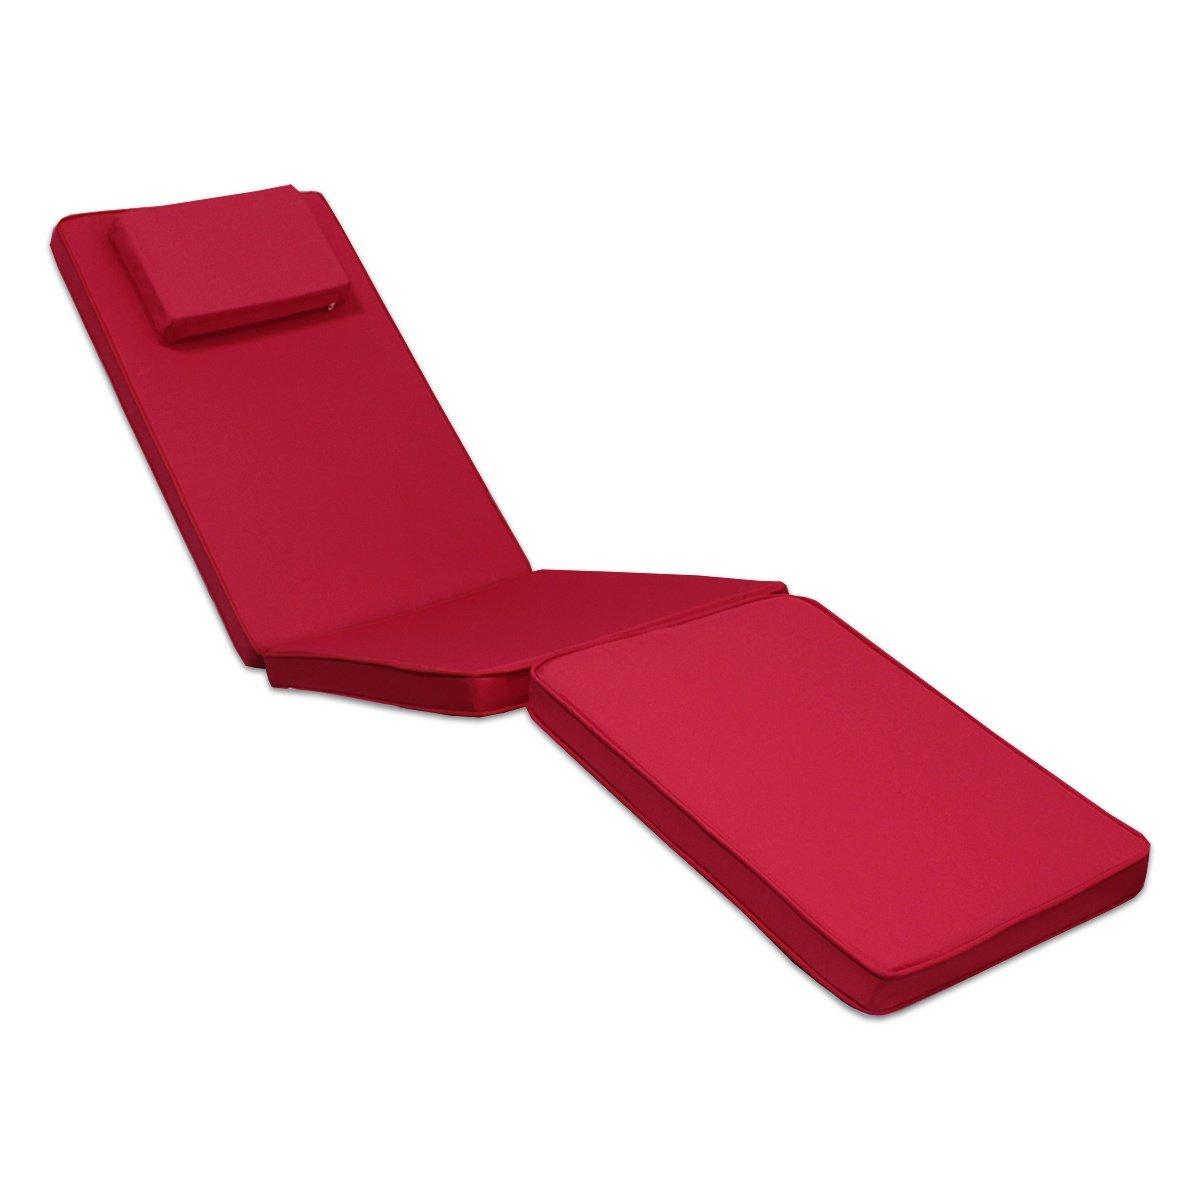 Matelas framboise pour chaise longue